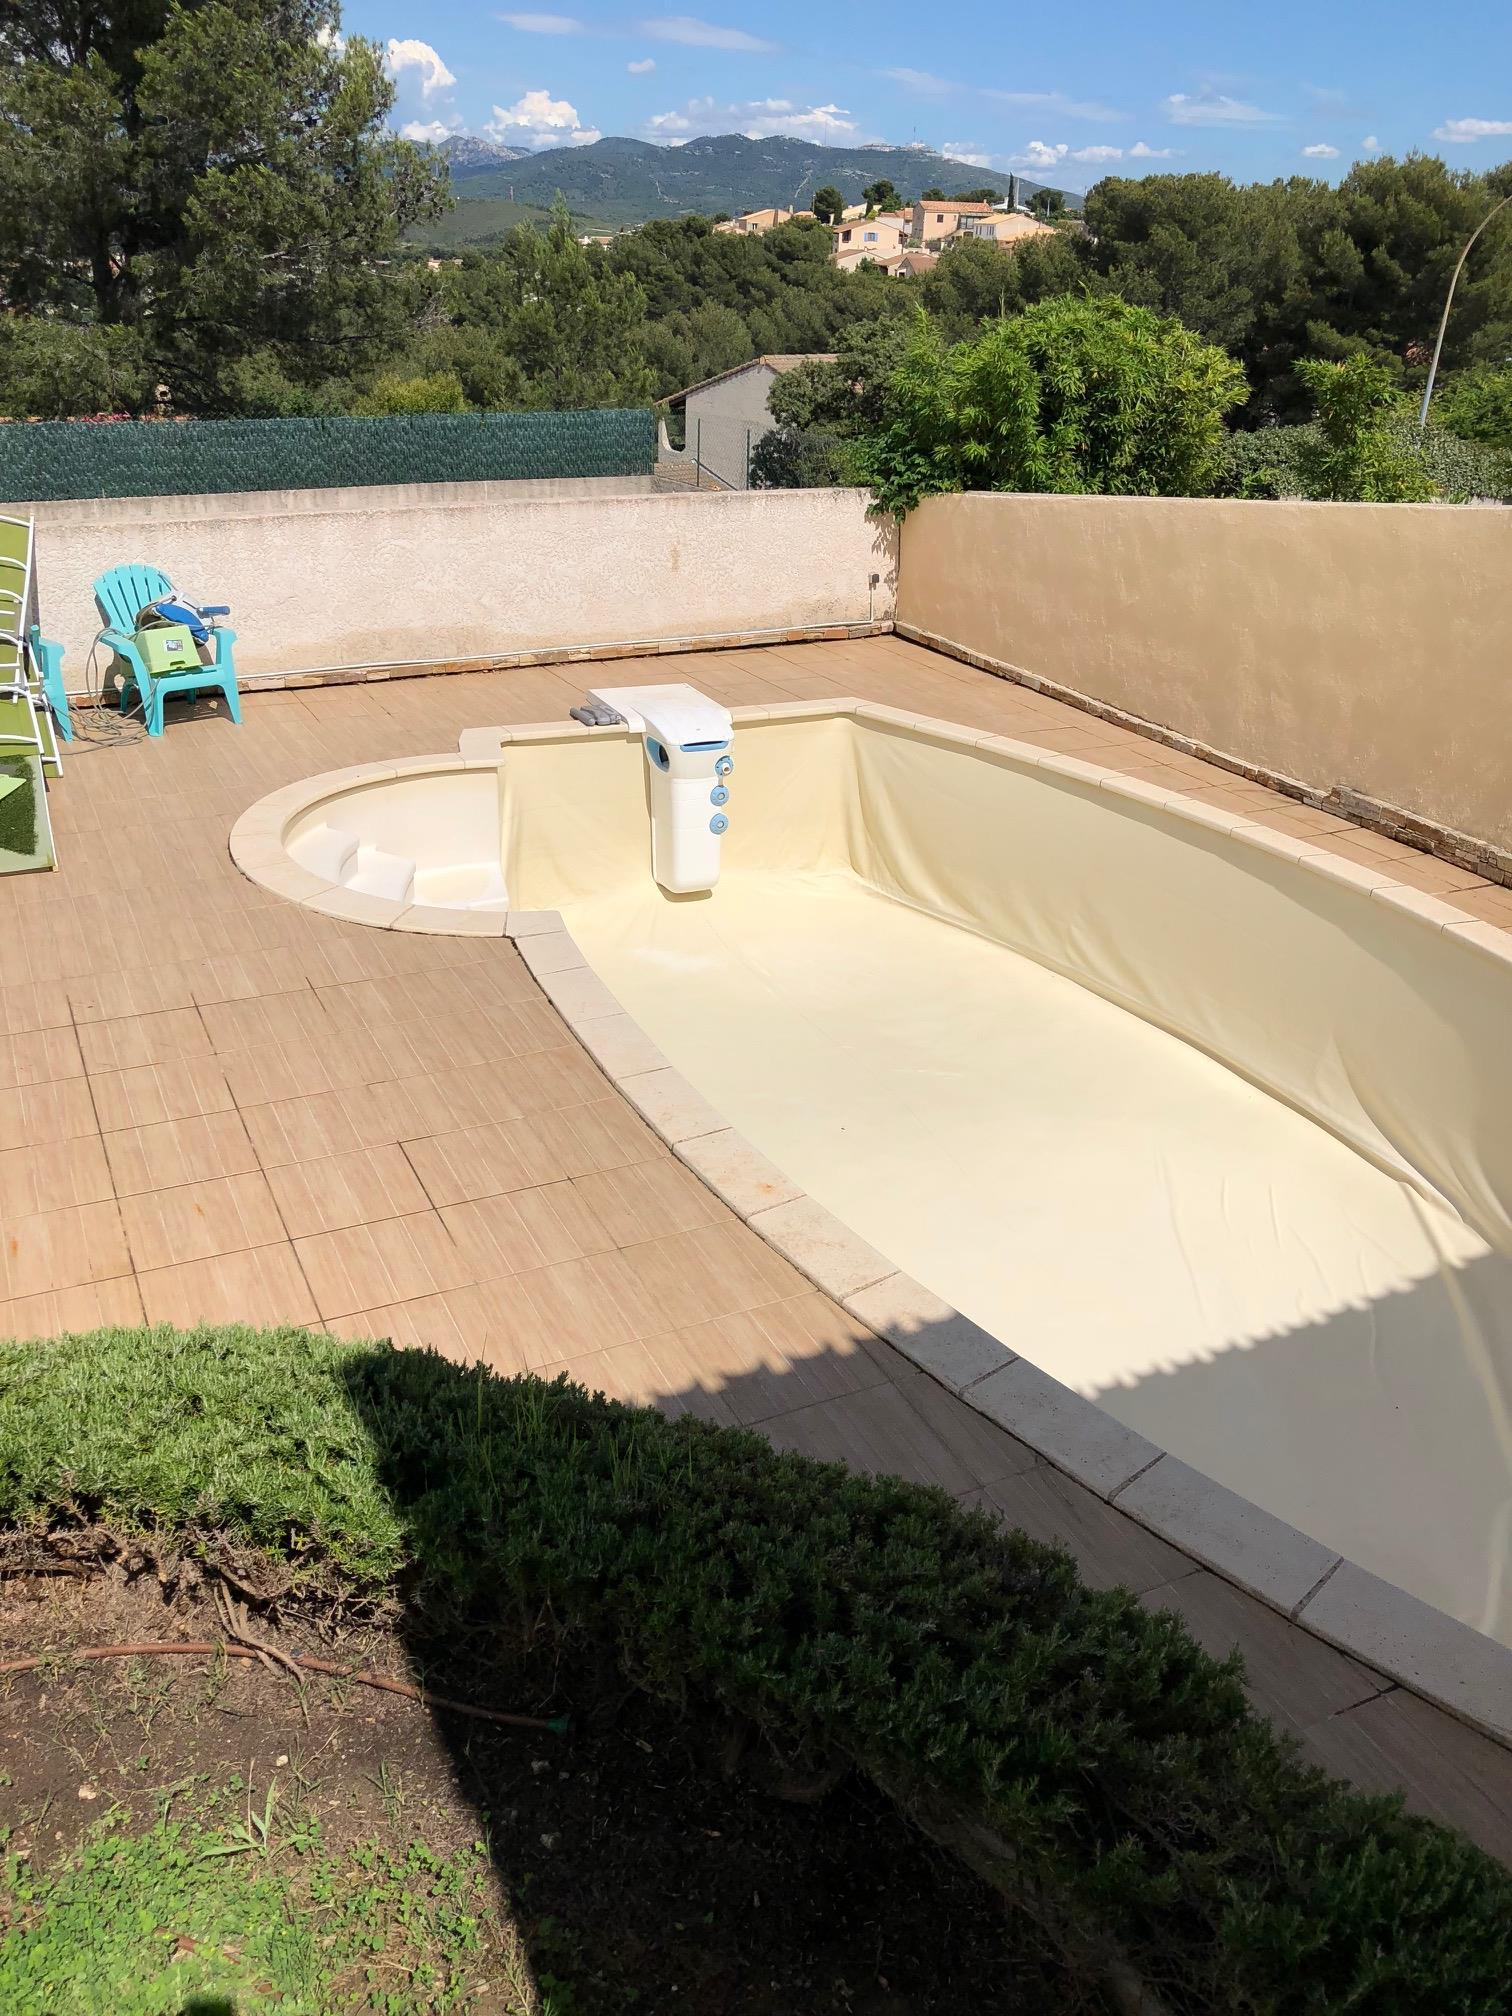 Une piscine propre avant l'été